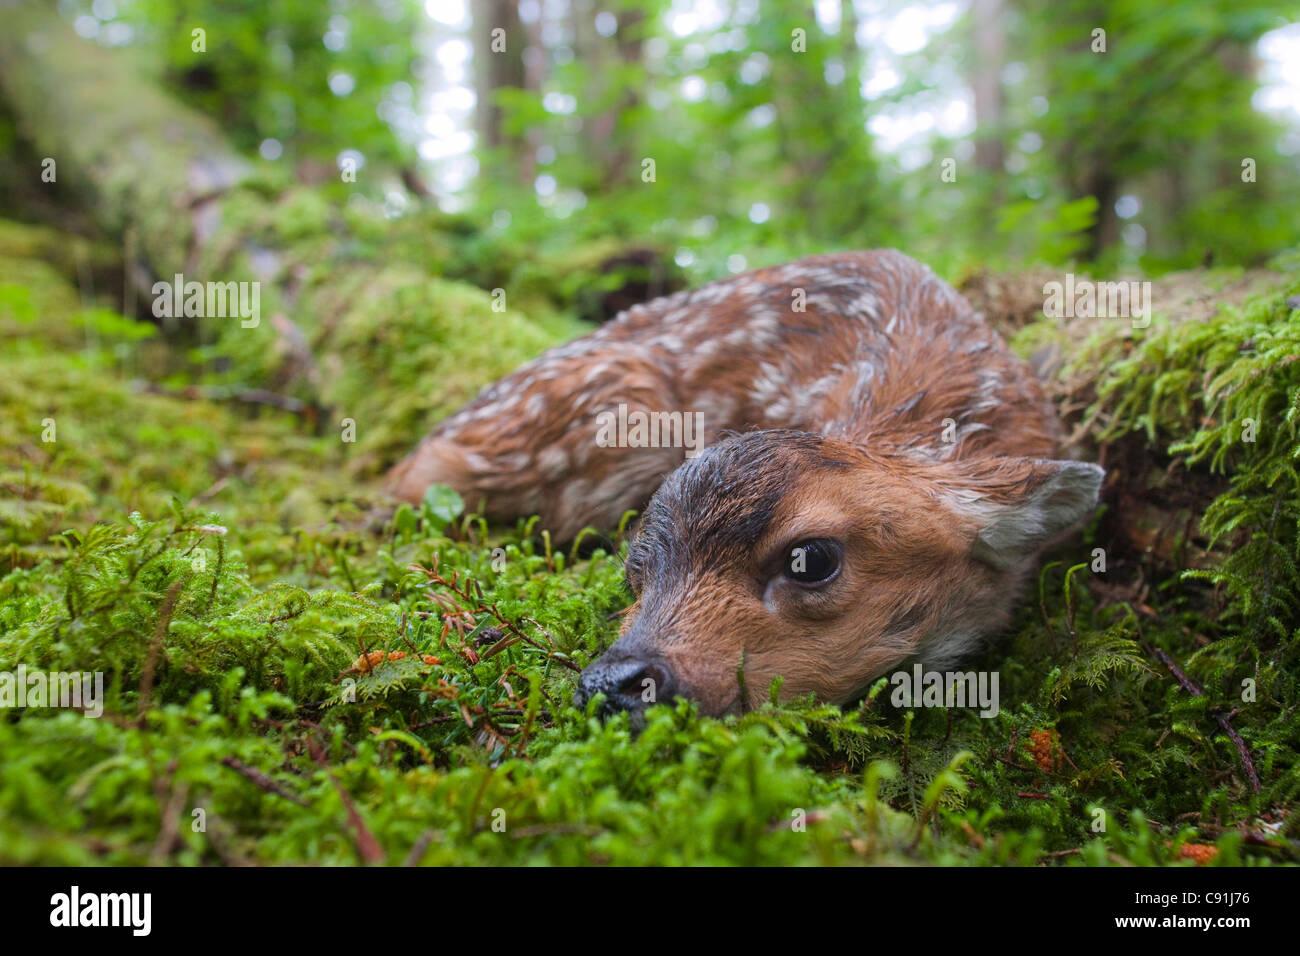 Les cerfs à queue noire faon couché dans la forêt couverte de mousse, de l'Île Montague, Photo Stock